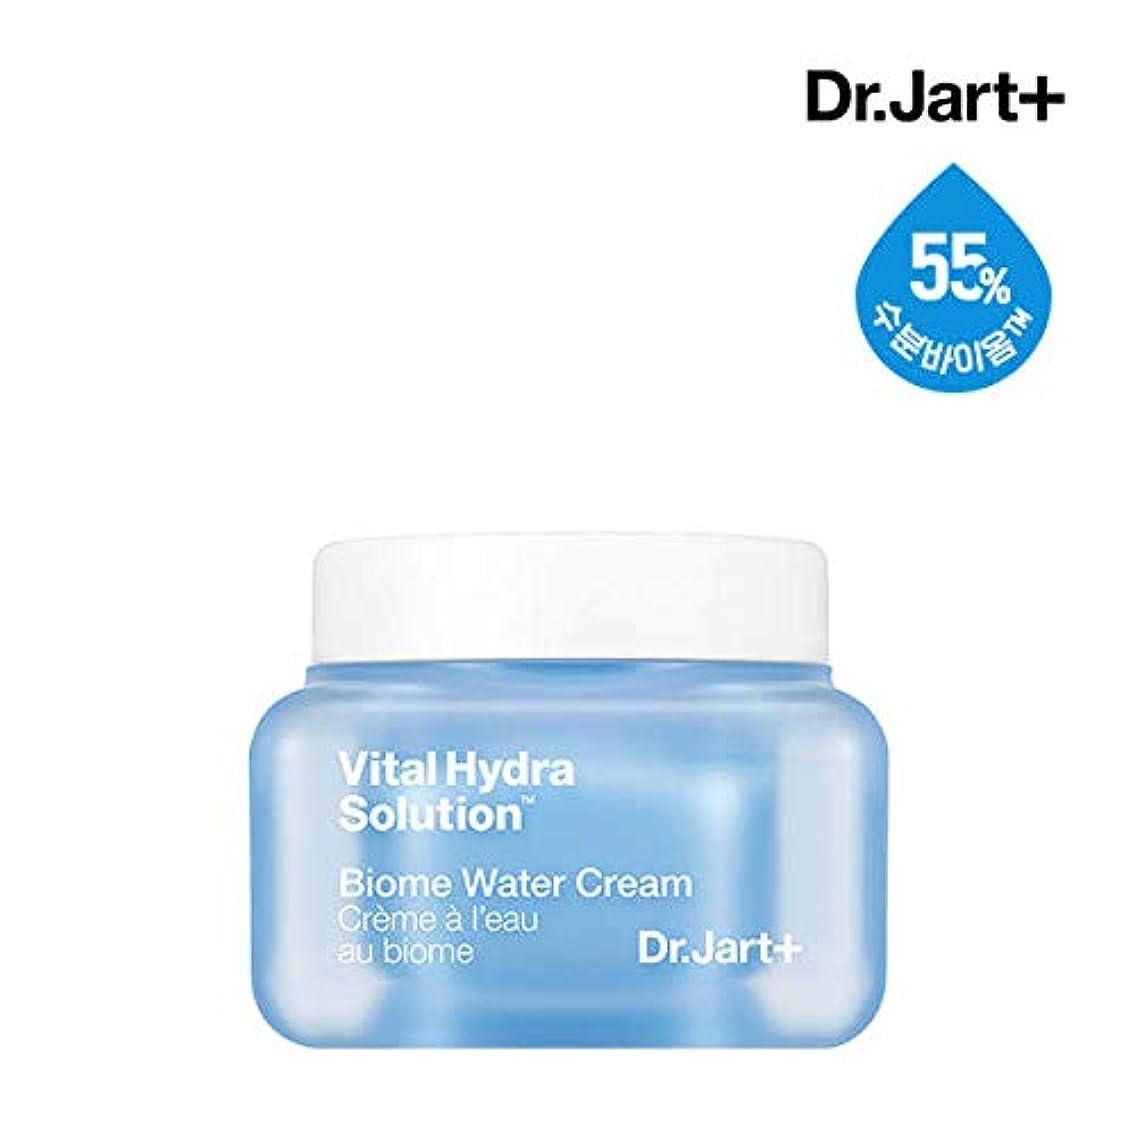 ピクニックコード与えるドクタージャルトゥ[Dr.Jart+] バイタルハイドラソリューションバイオームウォータークリーム50ml (Vital Hydra Solution Biome Water Cream) /リフレッシュハイドレーション